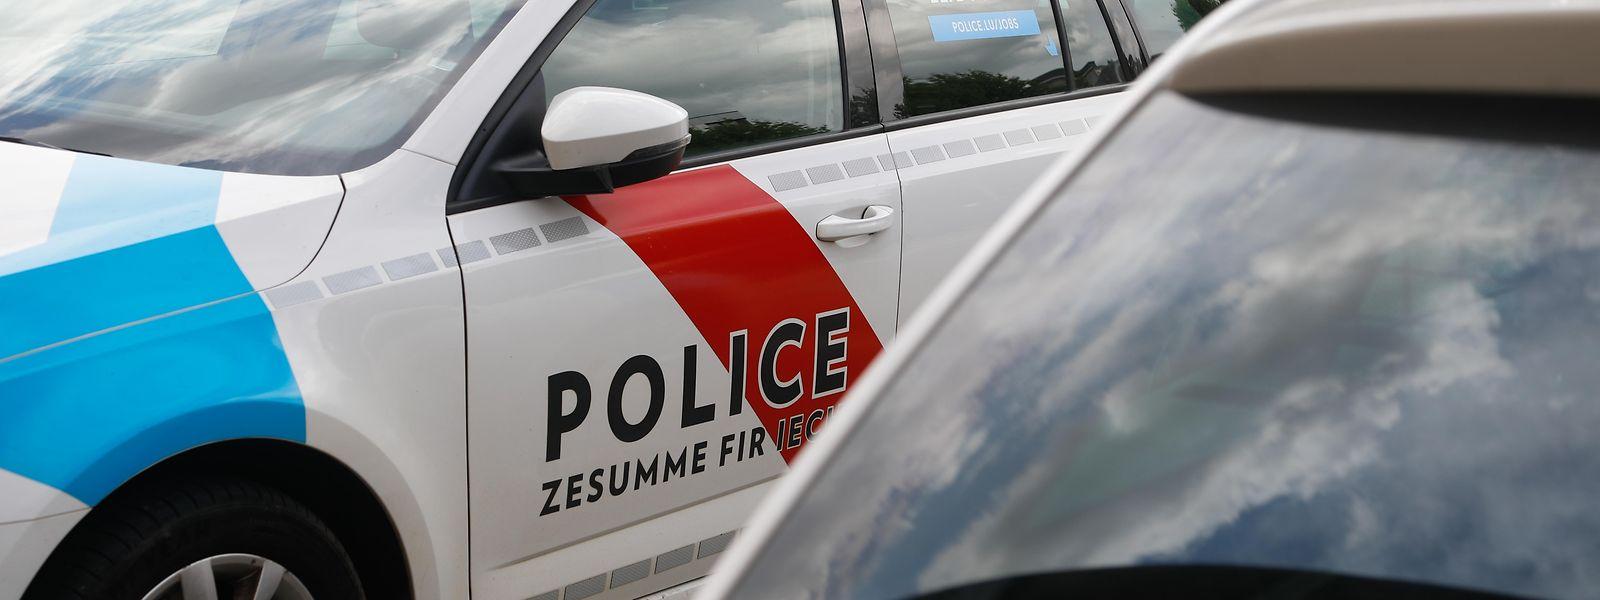 Die Polizei musste sich am Samstag von einem betrunkenen Autofahrer Beleidigungen anhören.